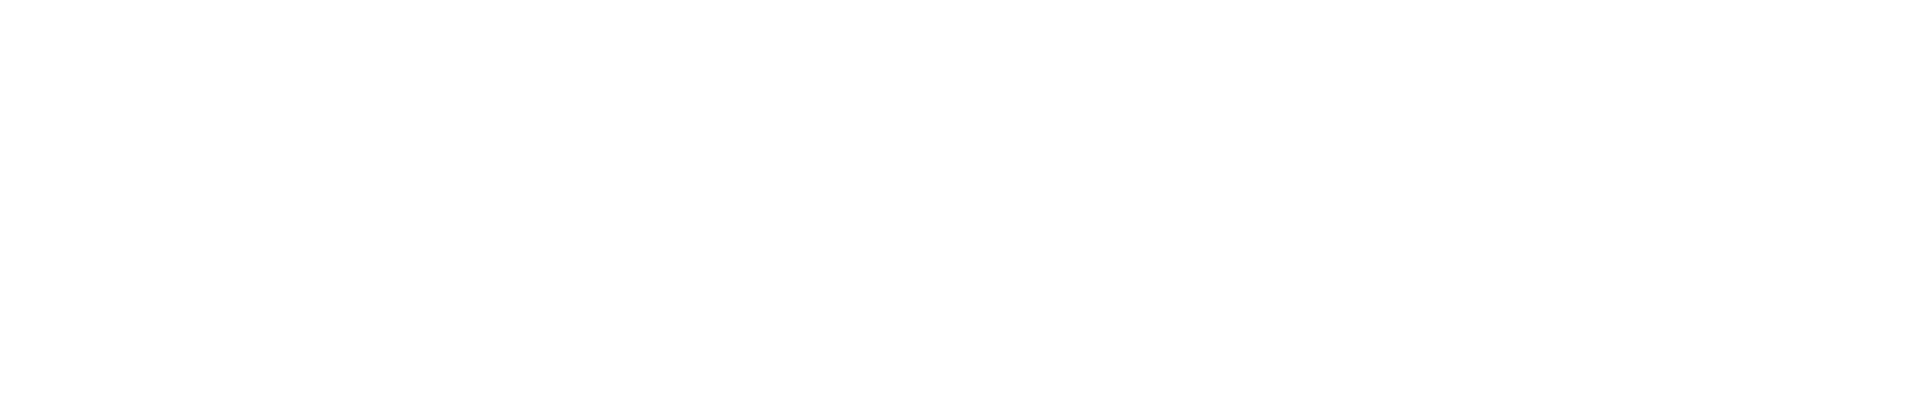 Creature AD